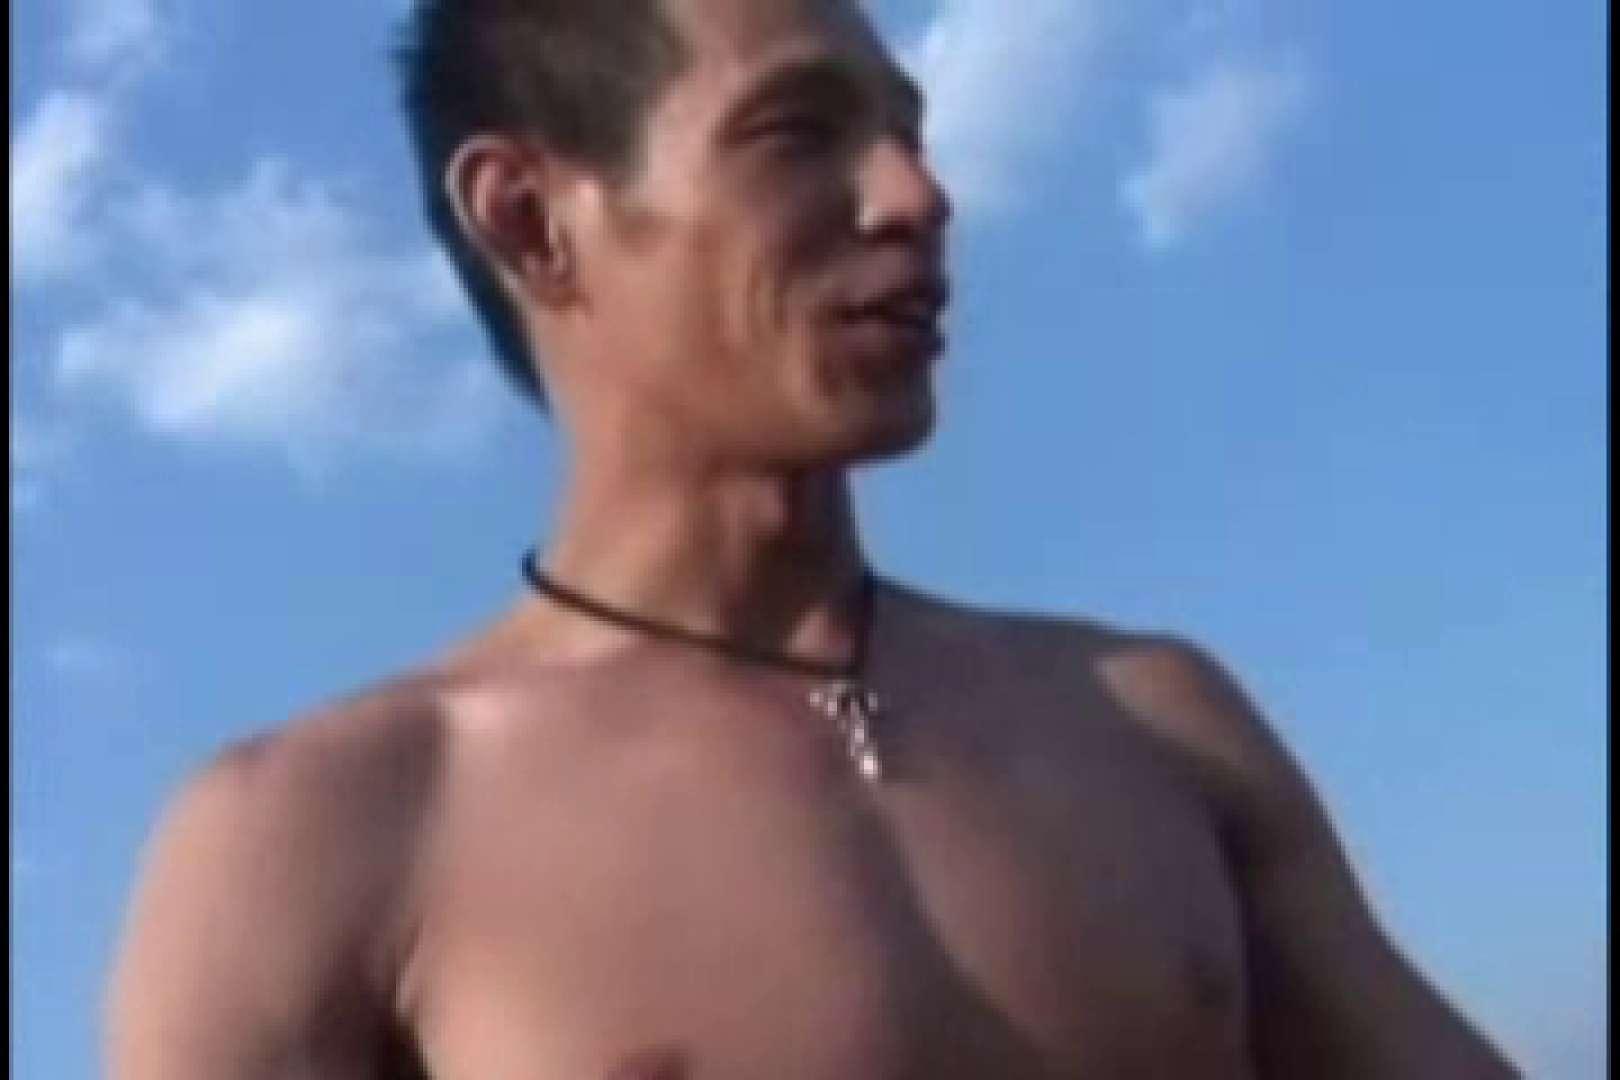 スリ筋!!スポメンのDANKON最高!!take.01 スポーツマン  101pic 34